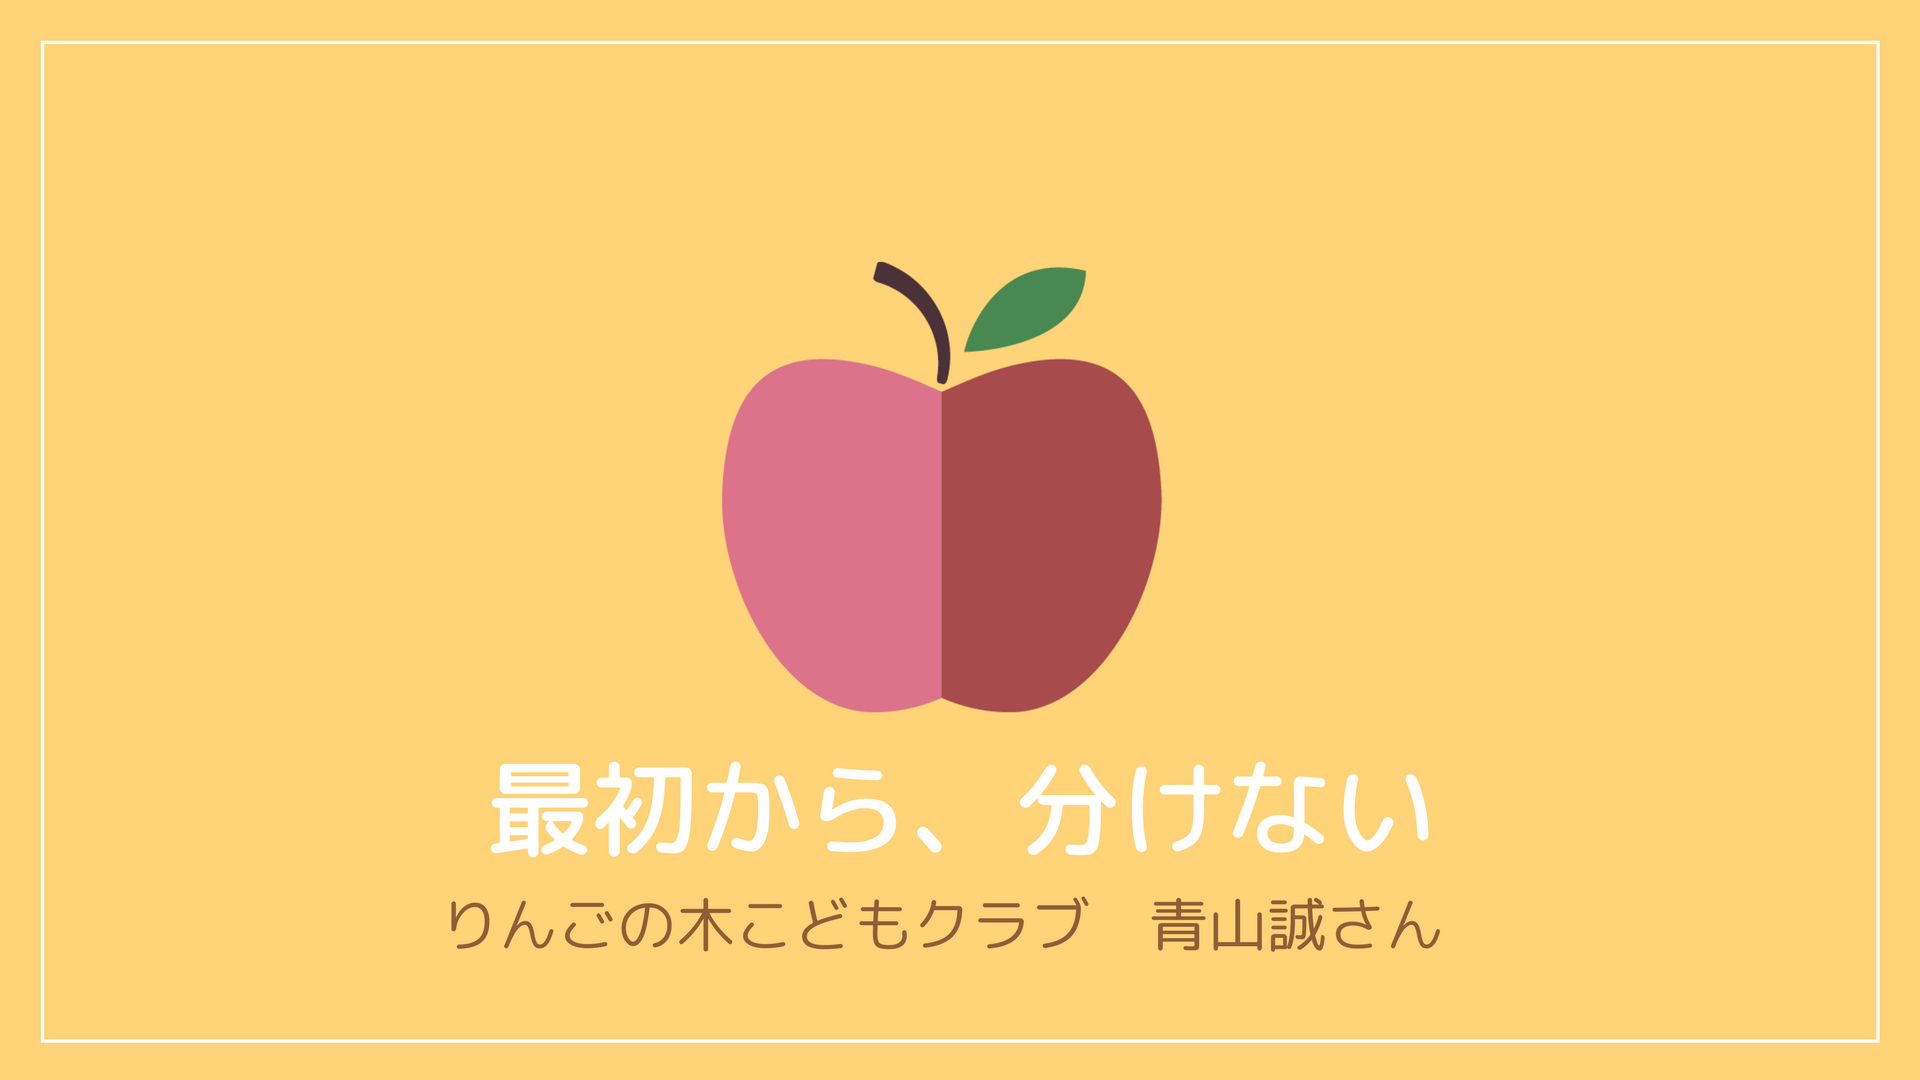 【りんごの木こどもクラブ】子どもも保育者も自分という個性がある